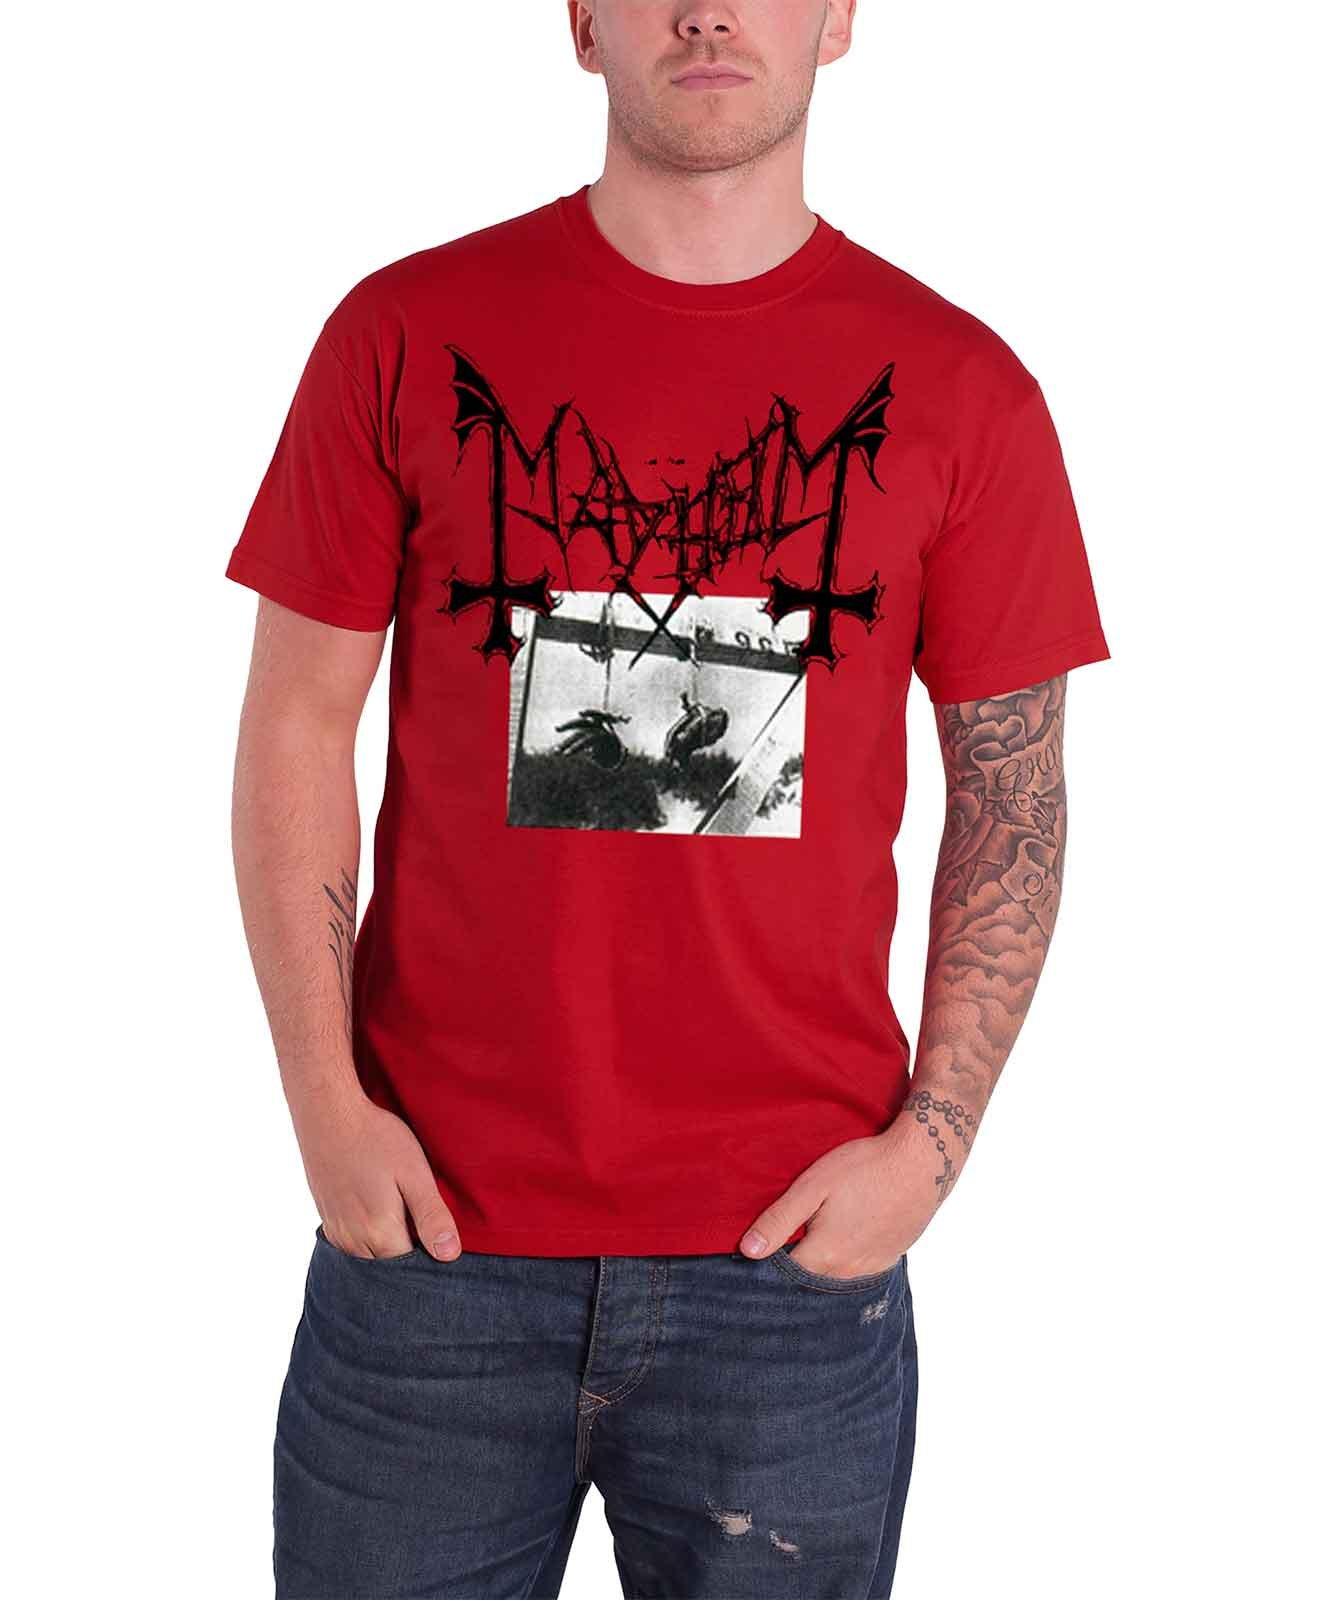 Mayhem Deathcrush S New T Shirt 5247